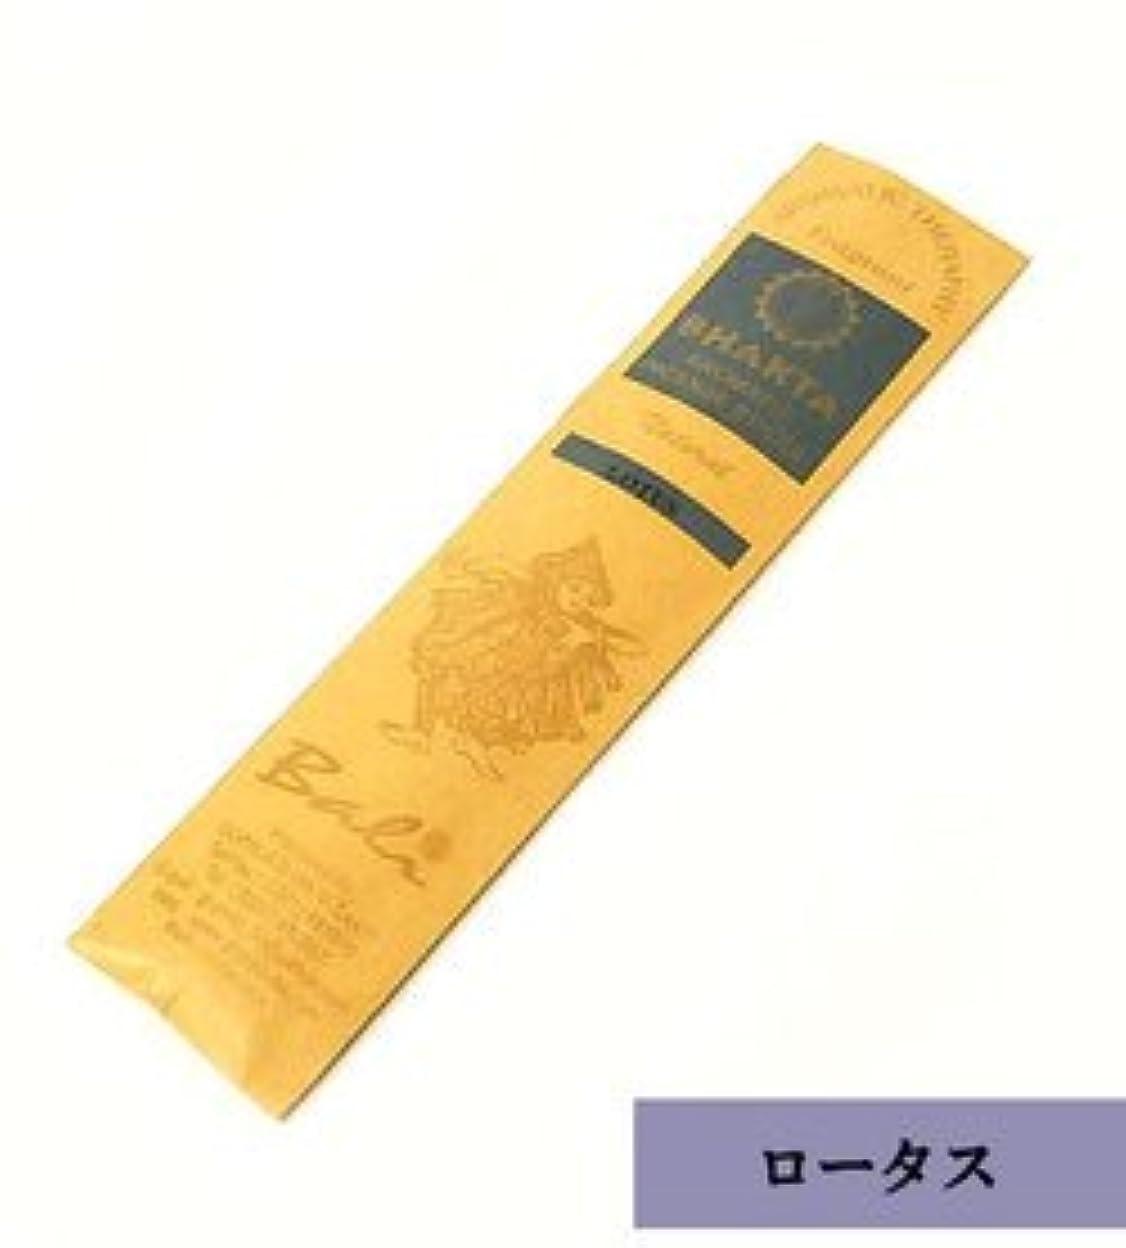 必要頂点有料バリのお香 BHAKTA 【ロータス】 LOTUS ロングスティック 20本入り アジアン雑貨